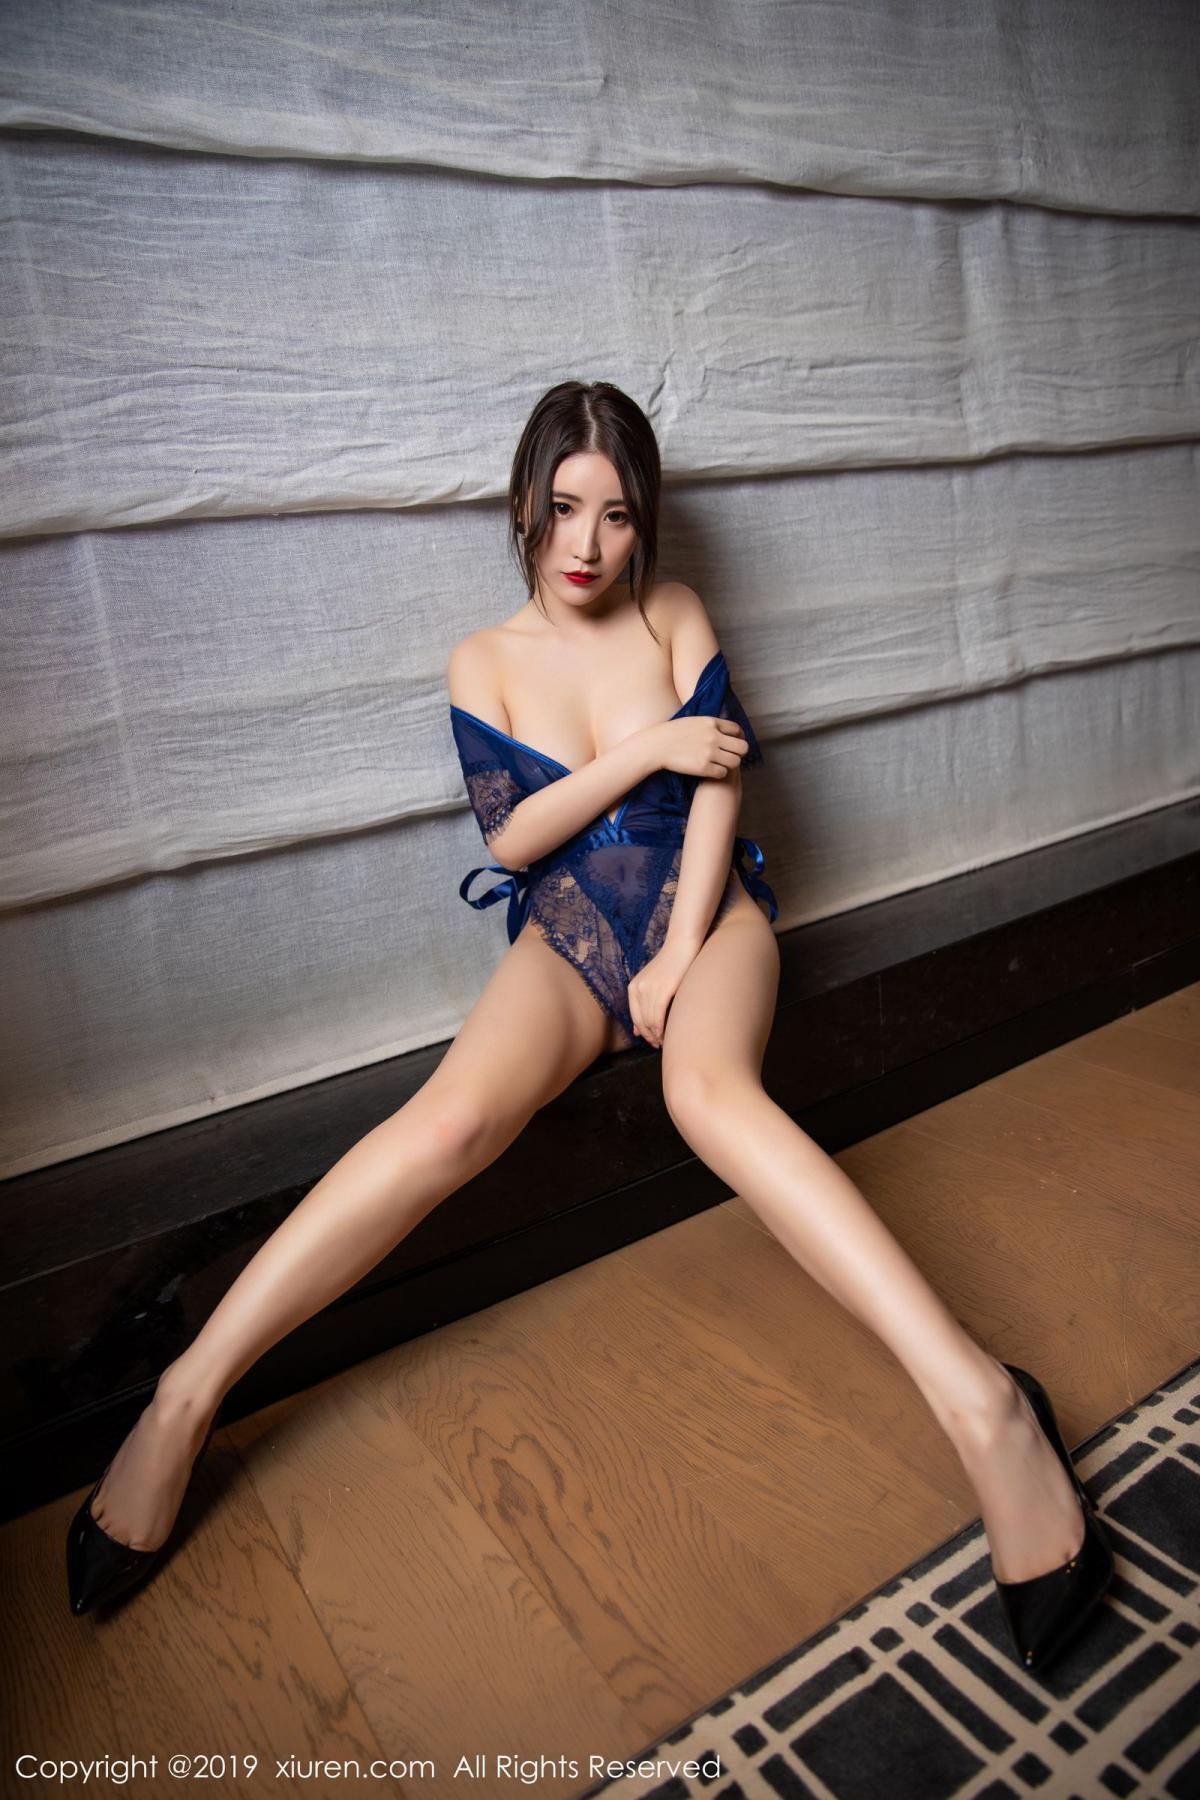 [XiuRen] Vol.1589 Xie Zhi Xin 53P, Sexy, Underwear, Xie Zhi Xin, Xiuren